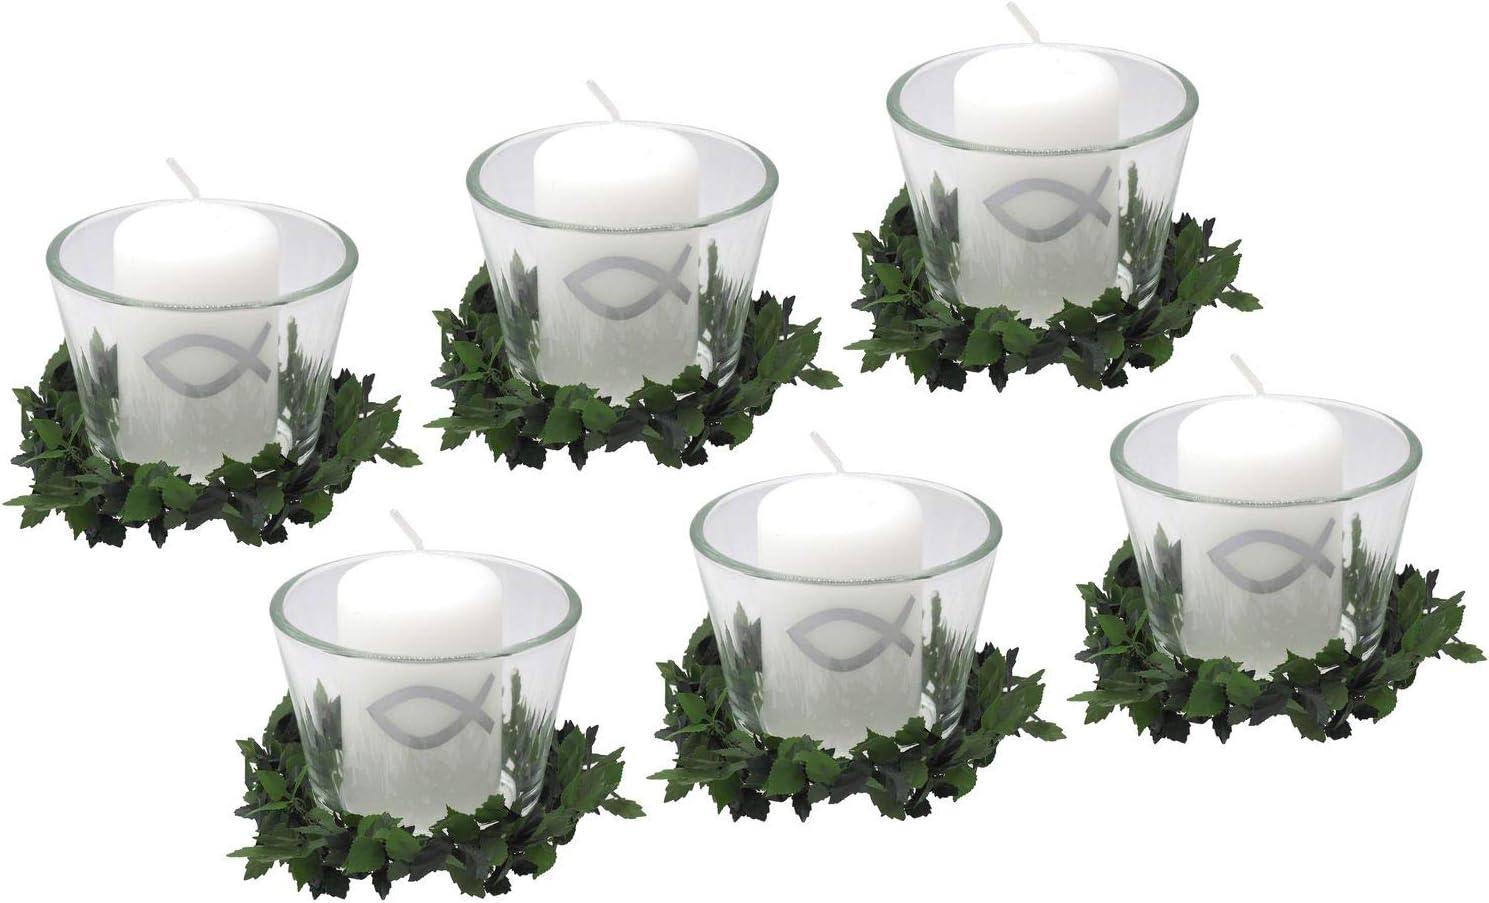 Tischdeko Taufe Kommunion Konfirmation rosa weiß Dekoring Fisch Votivglas Kerze